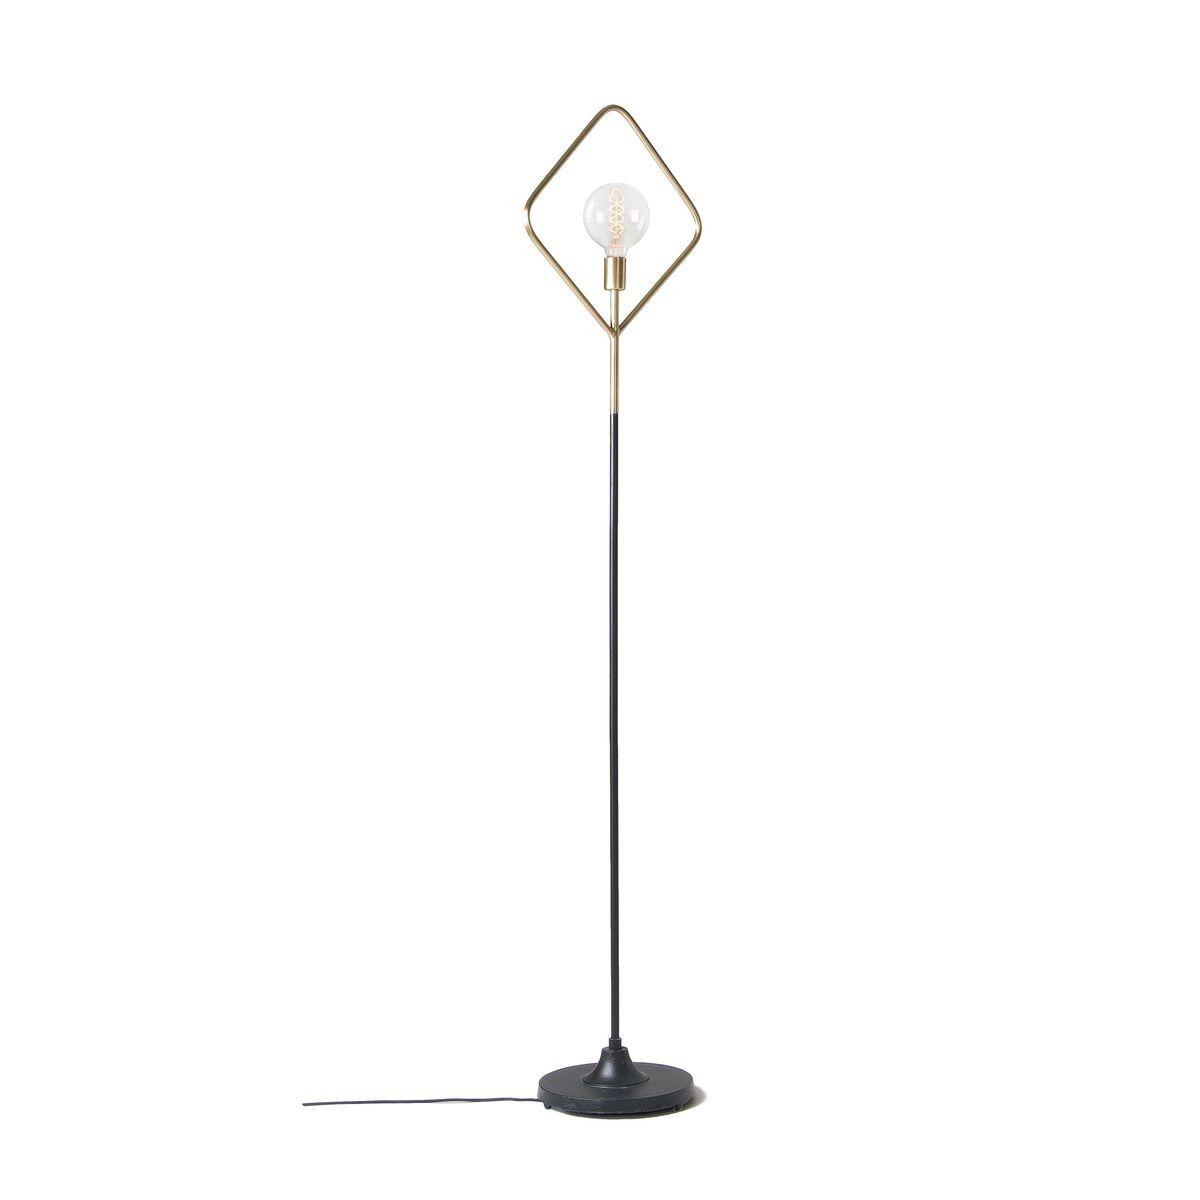 Lampadaire Adiel Taille Taille Unique Lampadaire Lamp Lampe Sur Pied